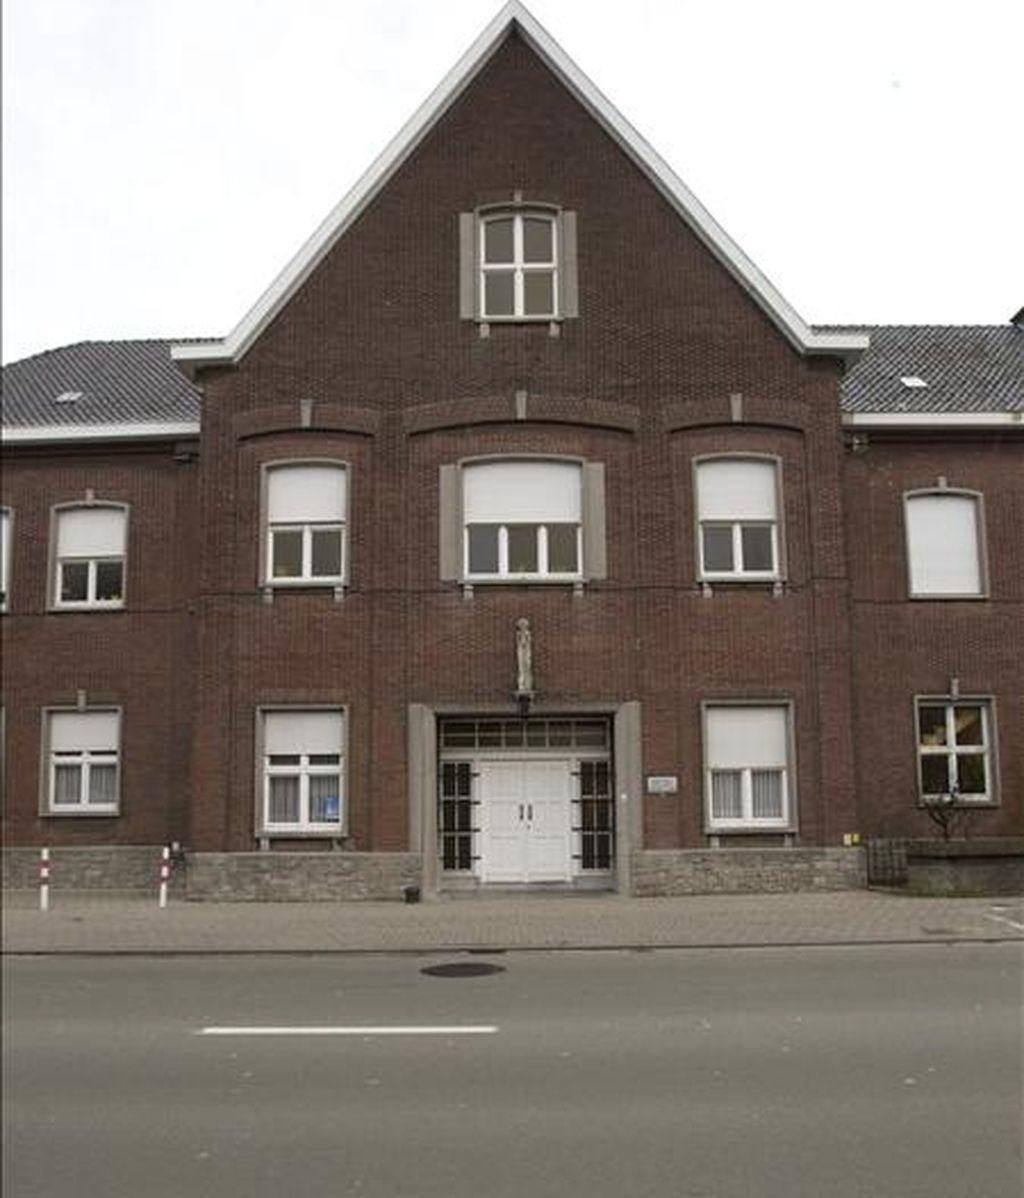 Vista de la fachada del orfanato Stella Maris de Courtrai (Bélgica), es objeto de investigaciones por supuestos casos de abuso infantil cometido por algunas monjas hace 40 años, según han informado medios belgas. EFE